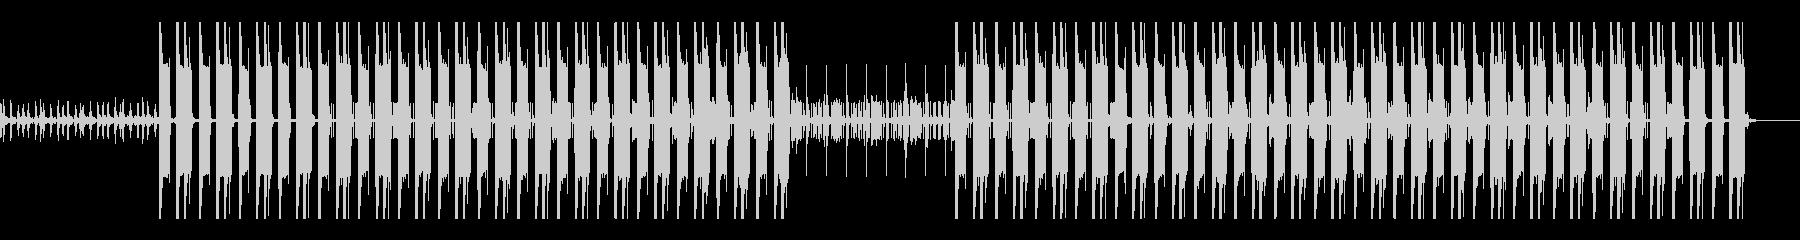 ヒップホップ 重低音 ダブ ステップの未再生の波形